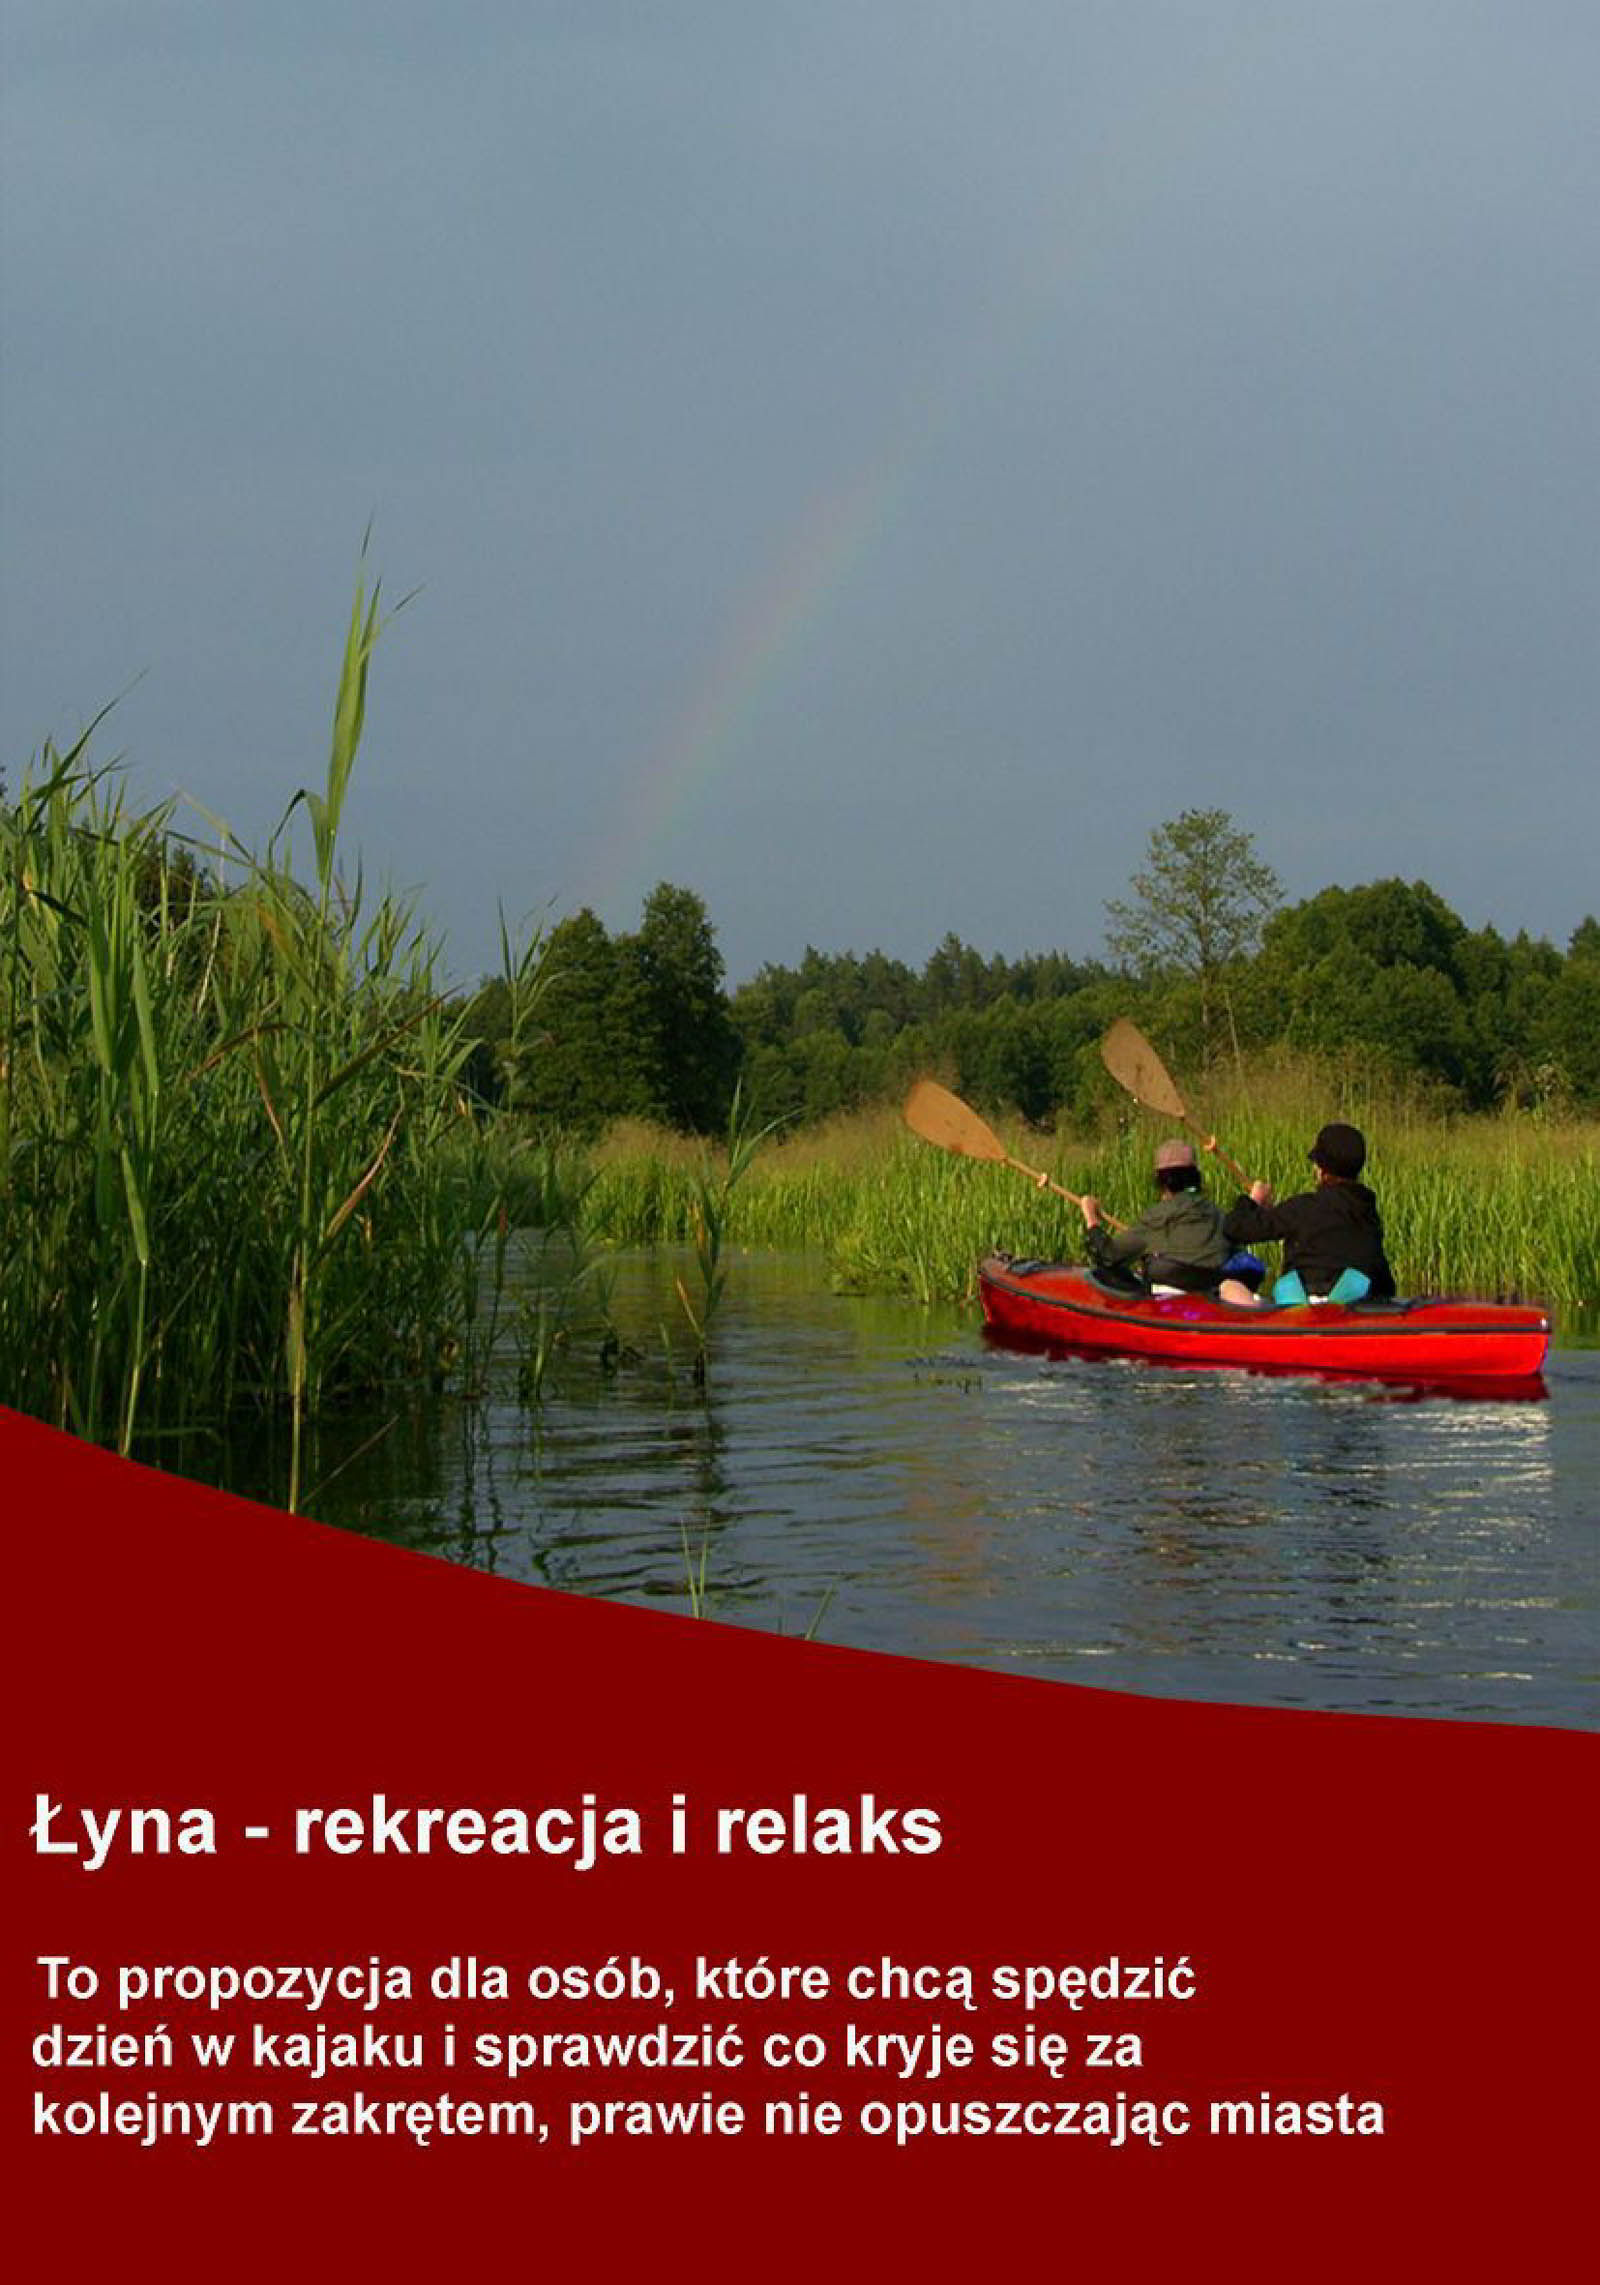 Lyna rekreacja i relaks 1